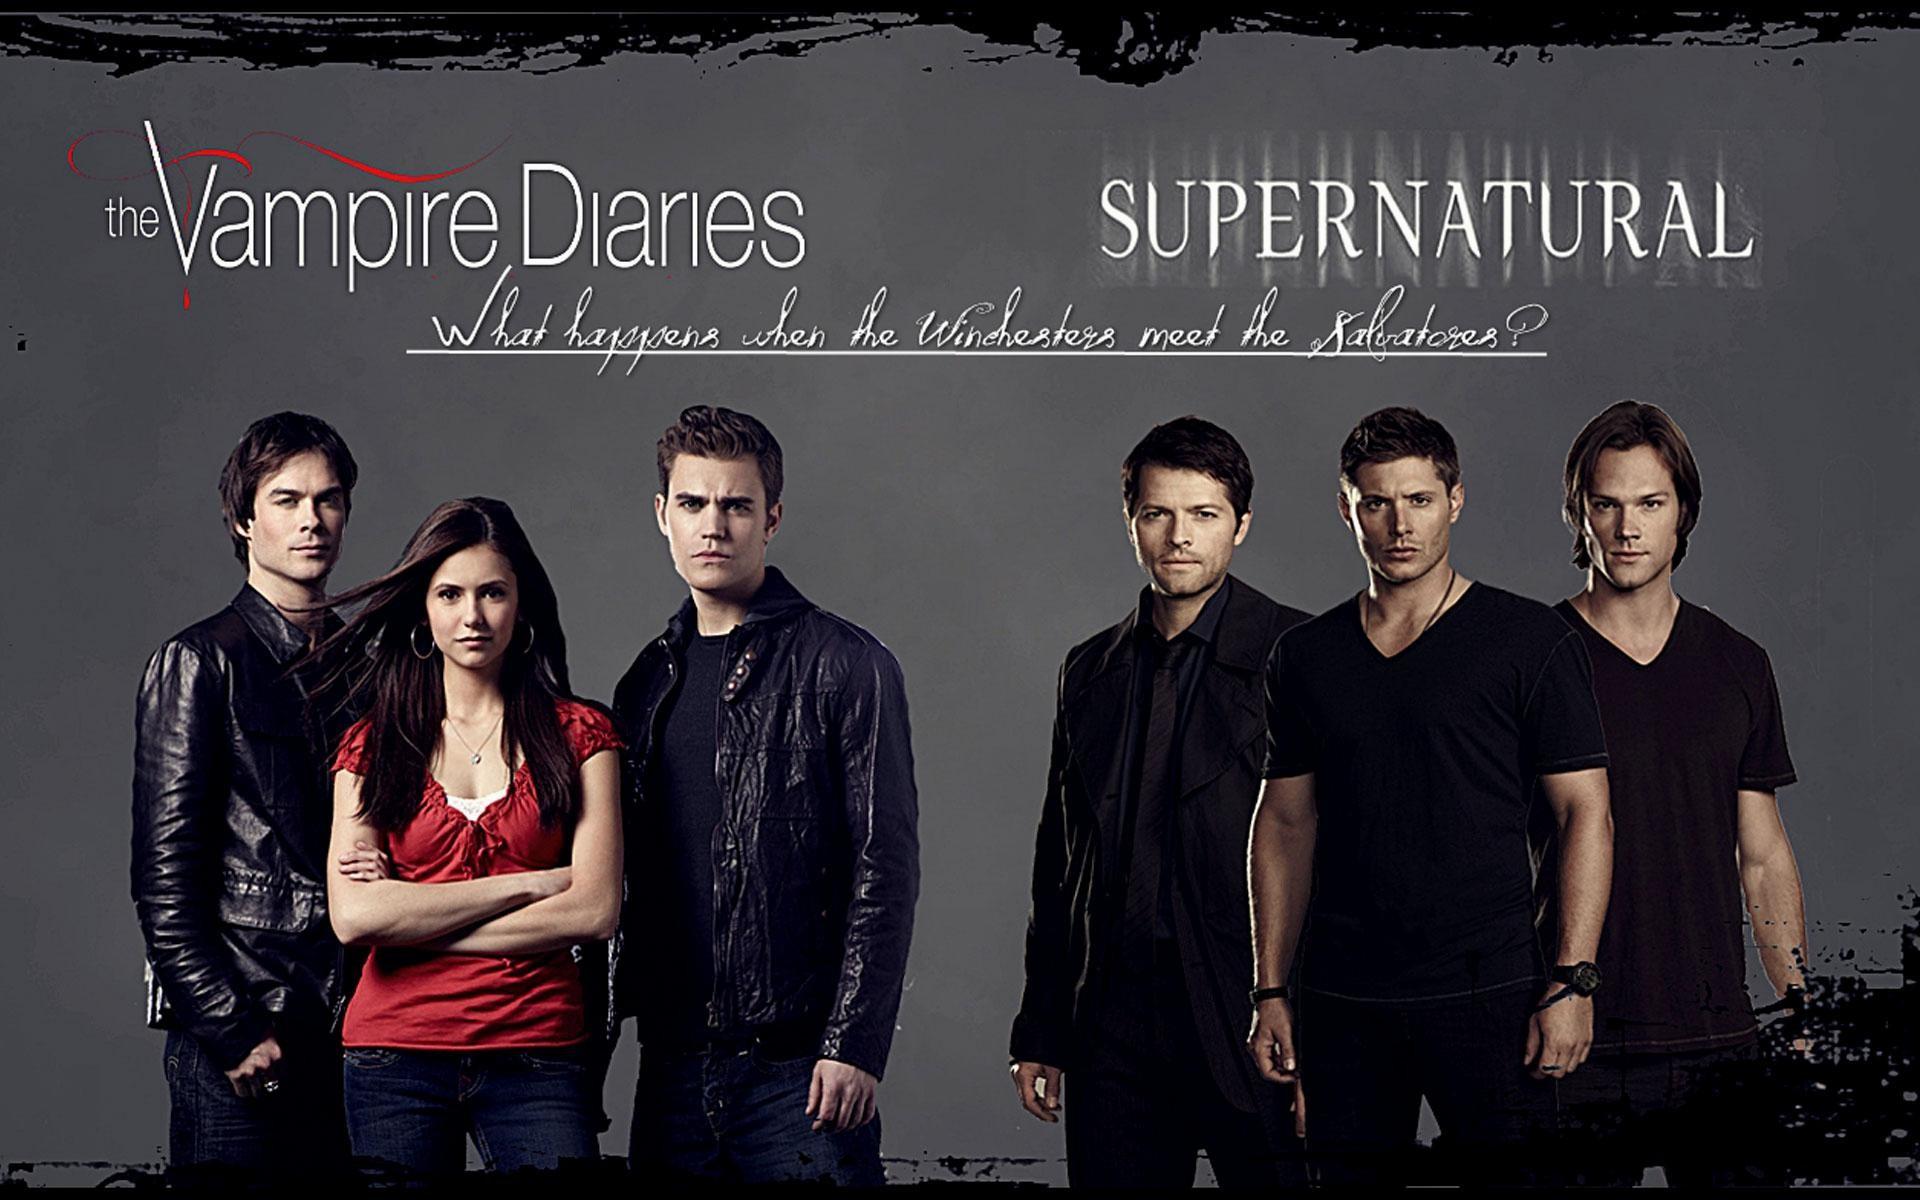 Supernatural-Vampire-Diaries-Wallpaper-1